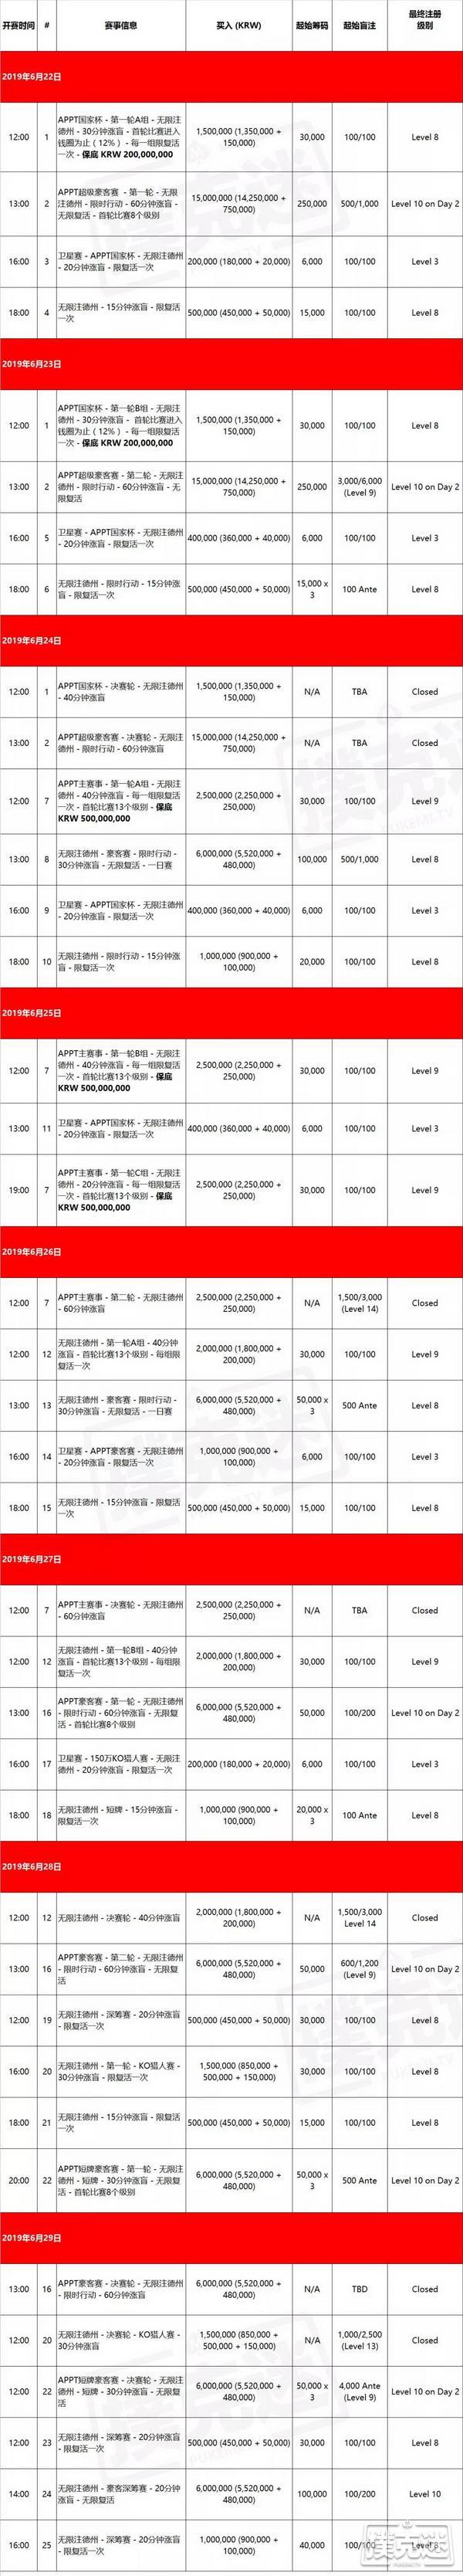 【蜗牛棋牌】APPT亚太扑克巡回赛济州岛站6月来袭!赛程已出炉